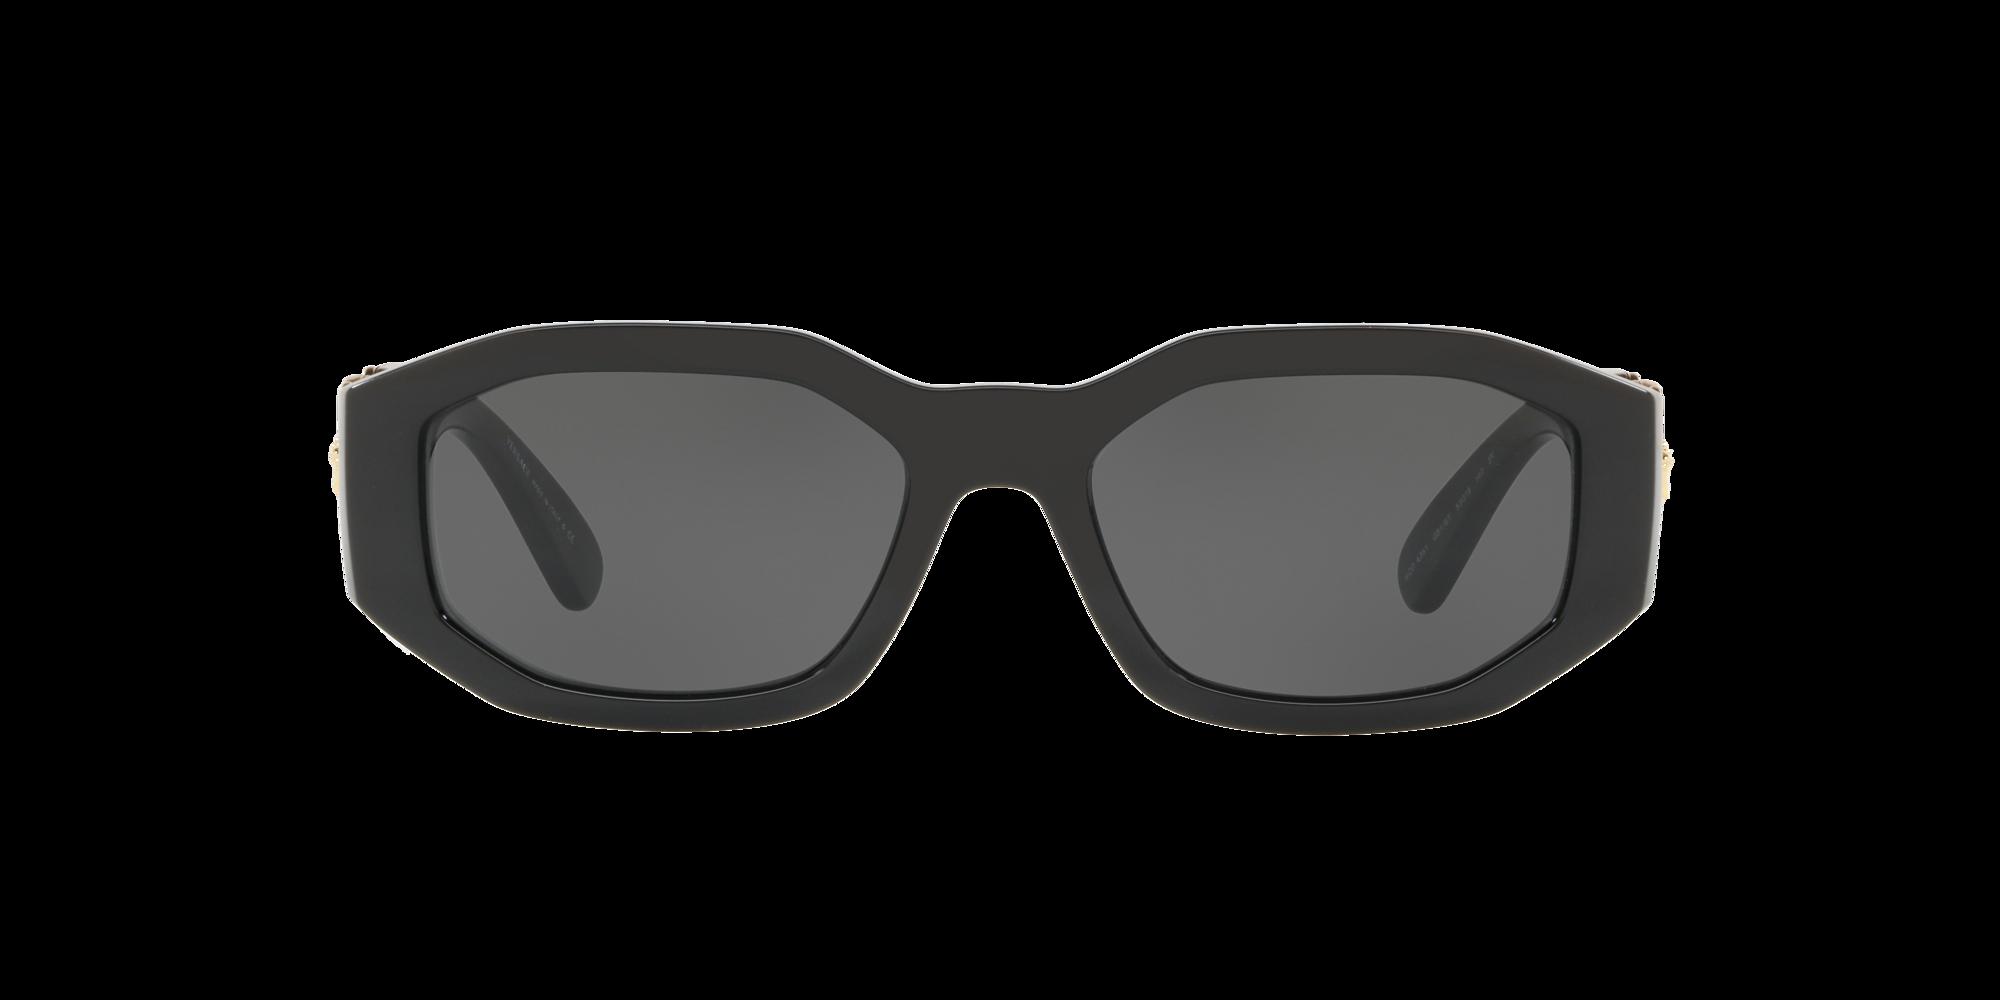 Imagen para VE4361 53 de LensCrafters |  Espejuelos, espejuelos graduados en línea, gafas